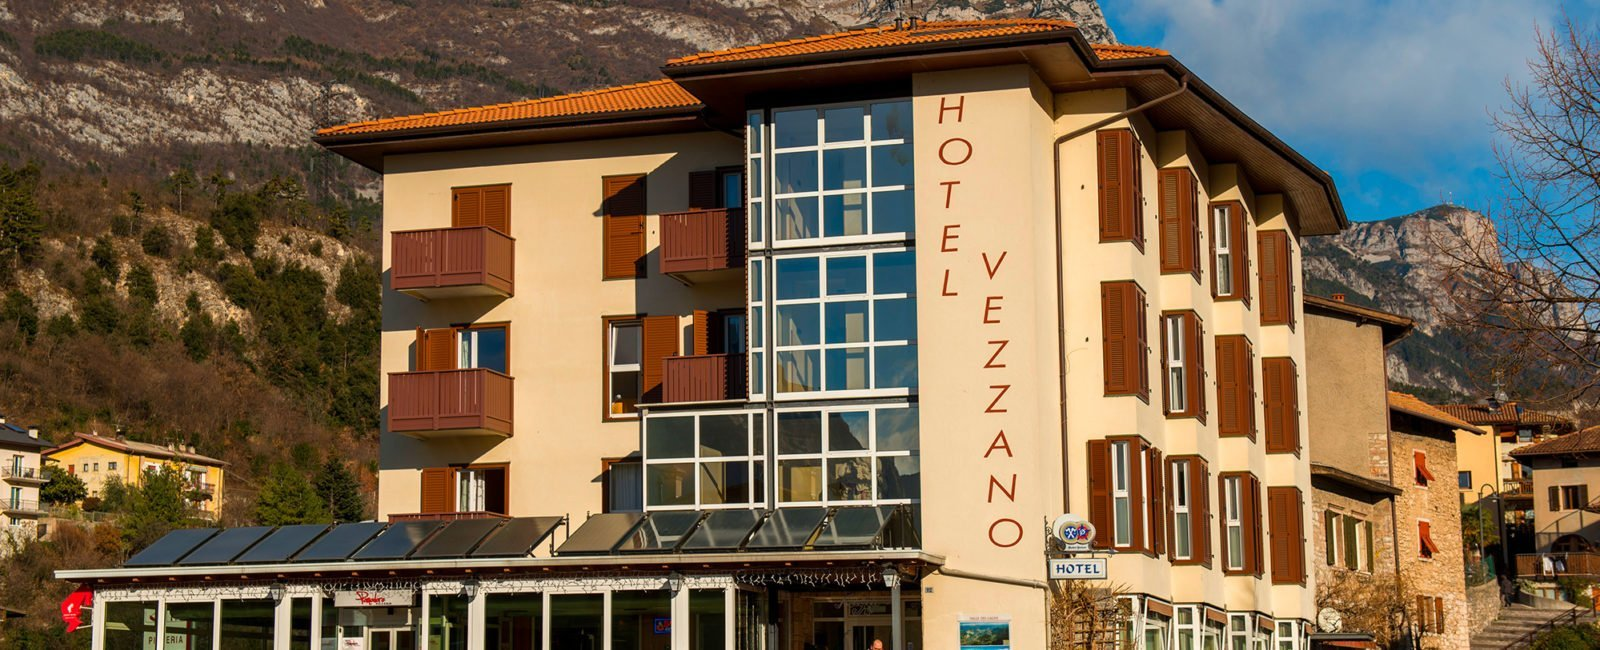 Hotel Vezzano nella Valle dei Laghi, per il tuo soggiorno in ...